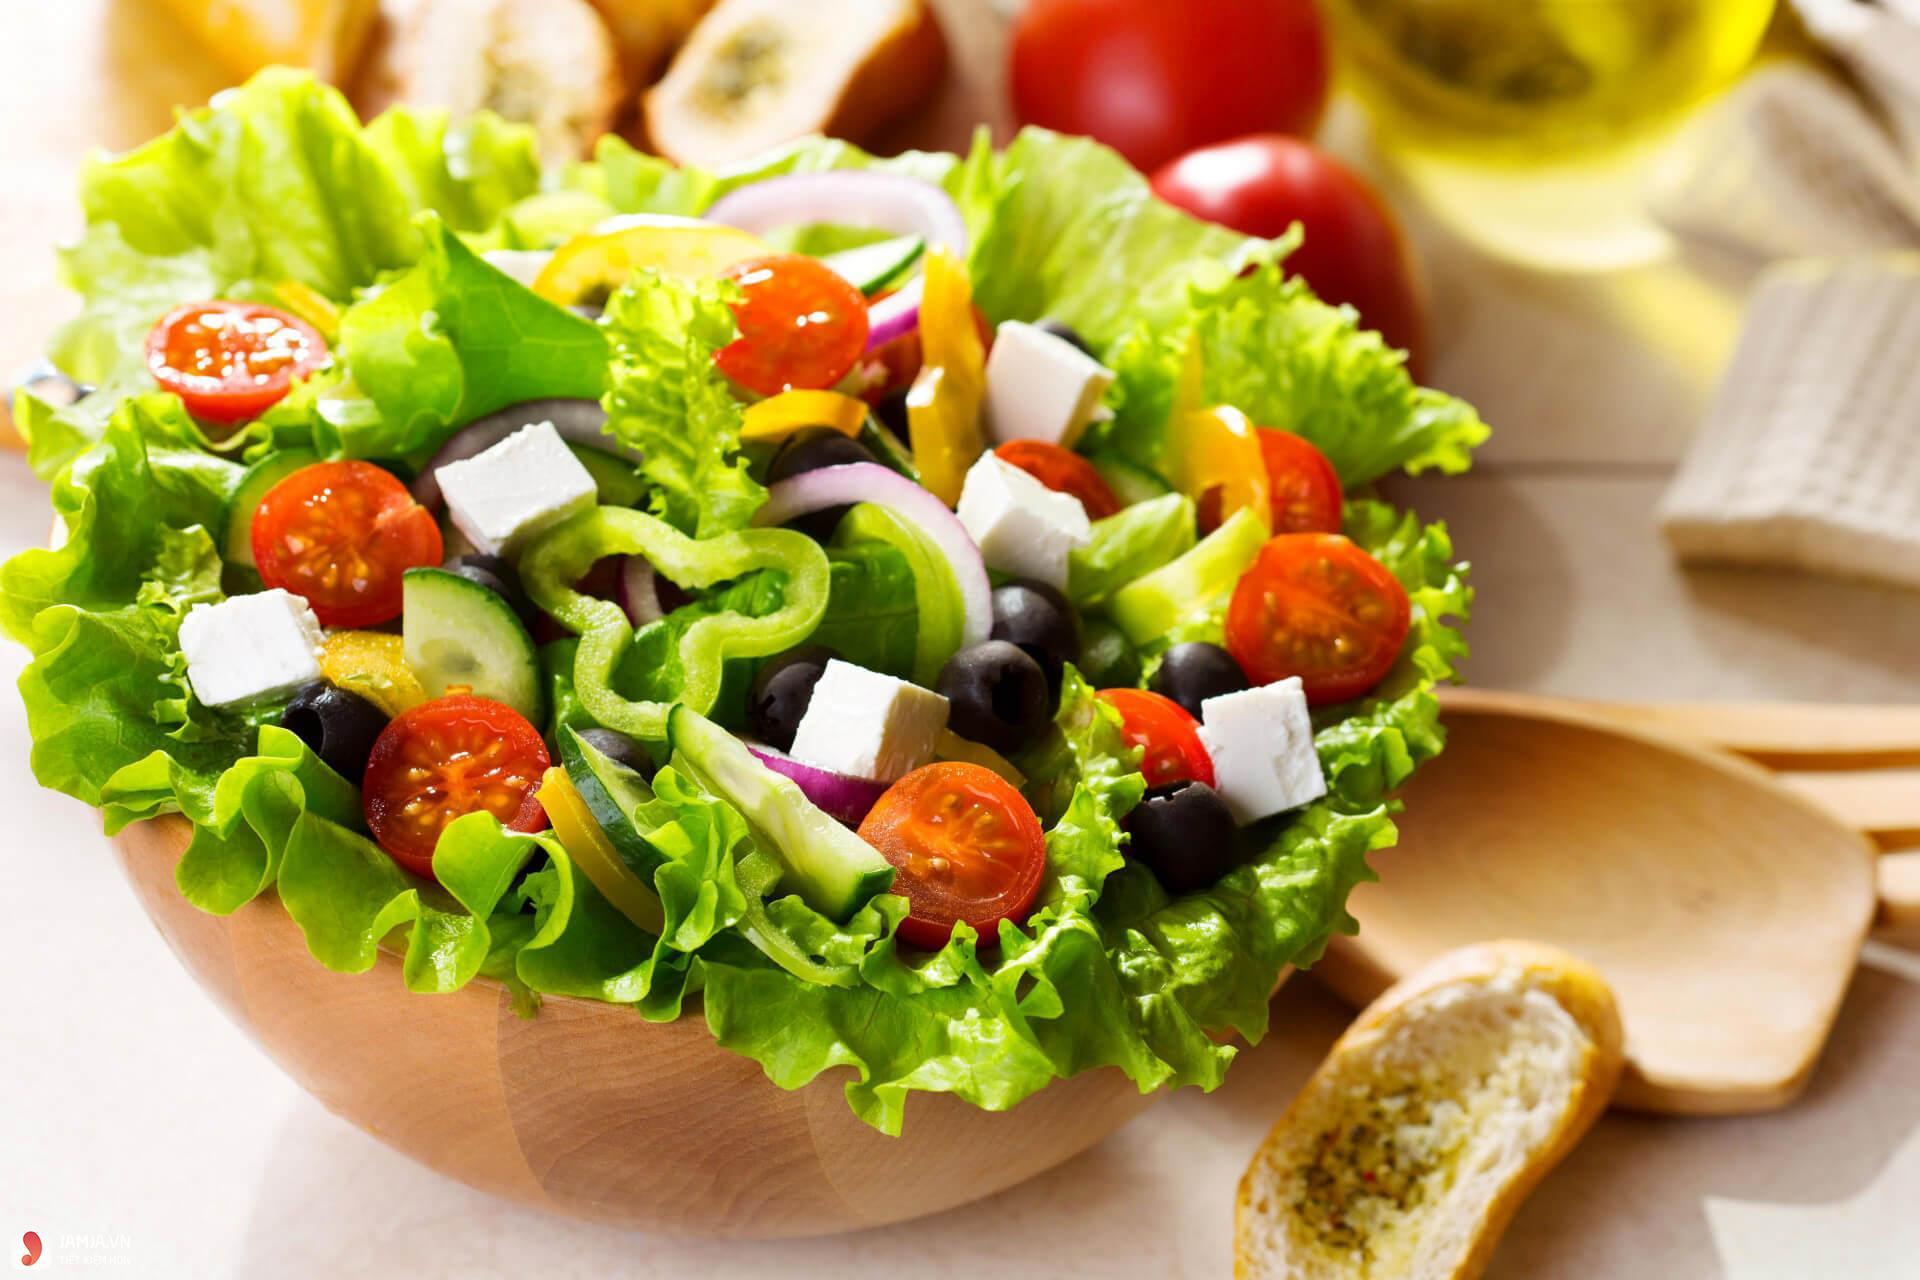 Mơ thấy salad đánh lô đề con gì chắc chắn ăn tiền nhất ?